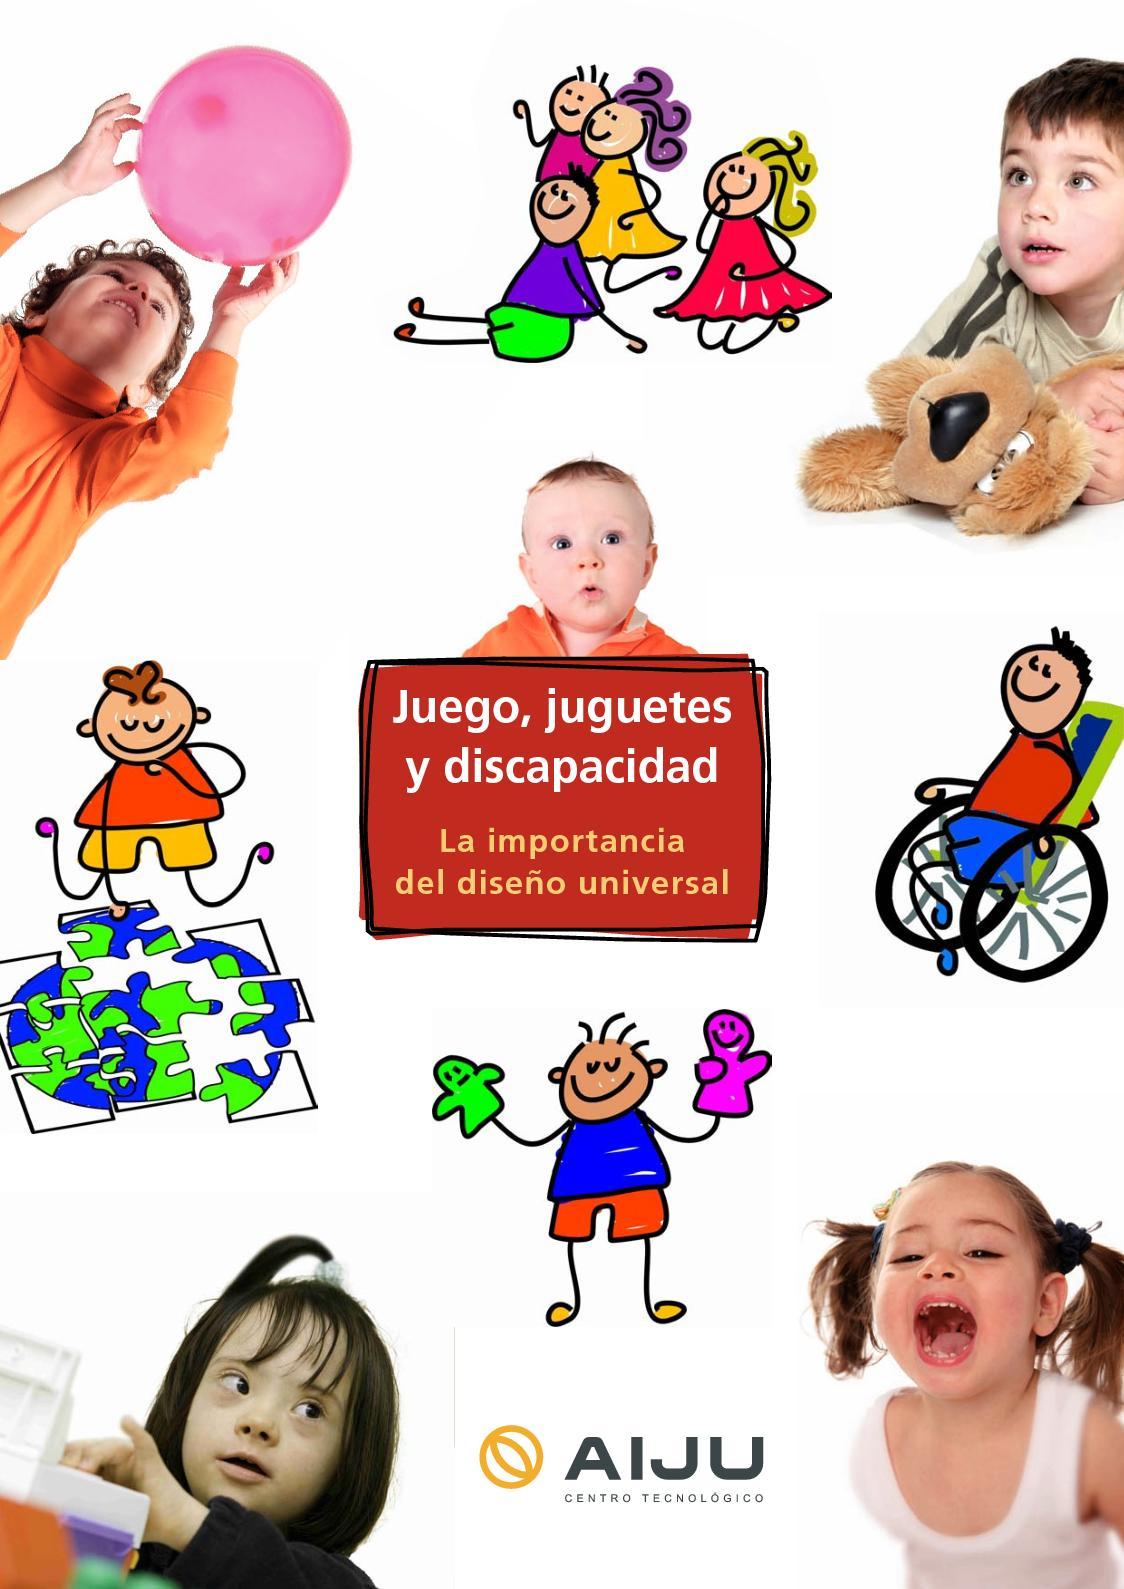 Juego Juguete Calaméo Y Juguete Juego Discapacidad Discapacidad Calaméo Y DW29EIYbeH